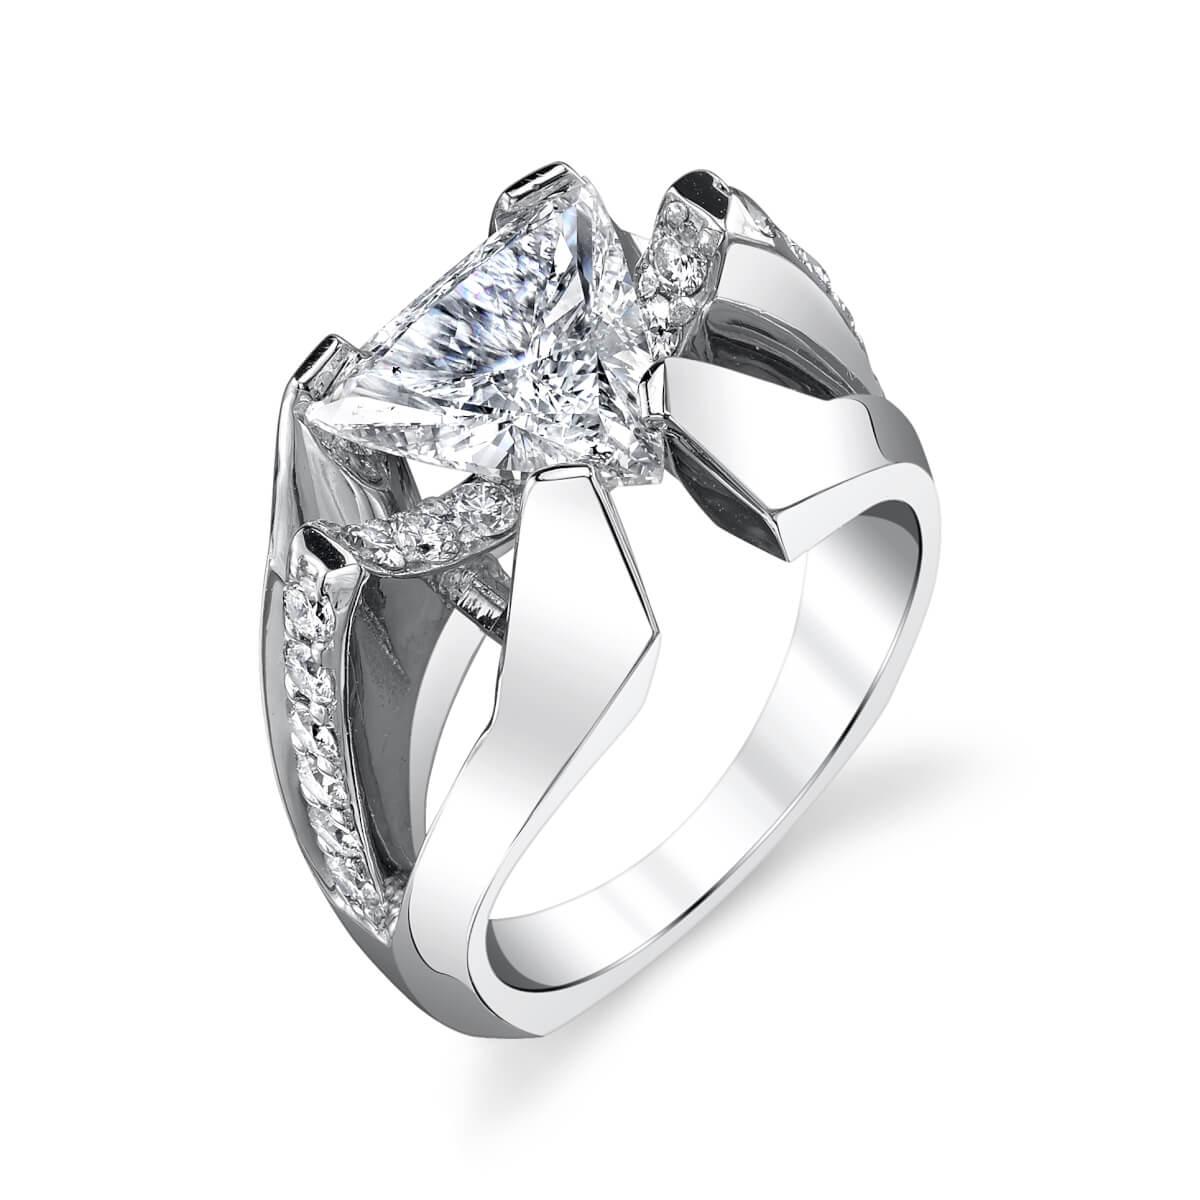 unique trillion cut setting engagement ring